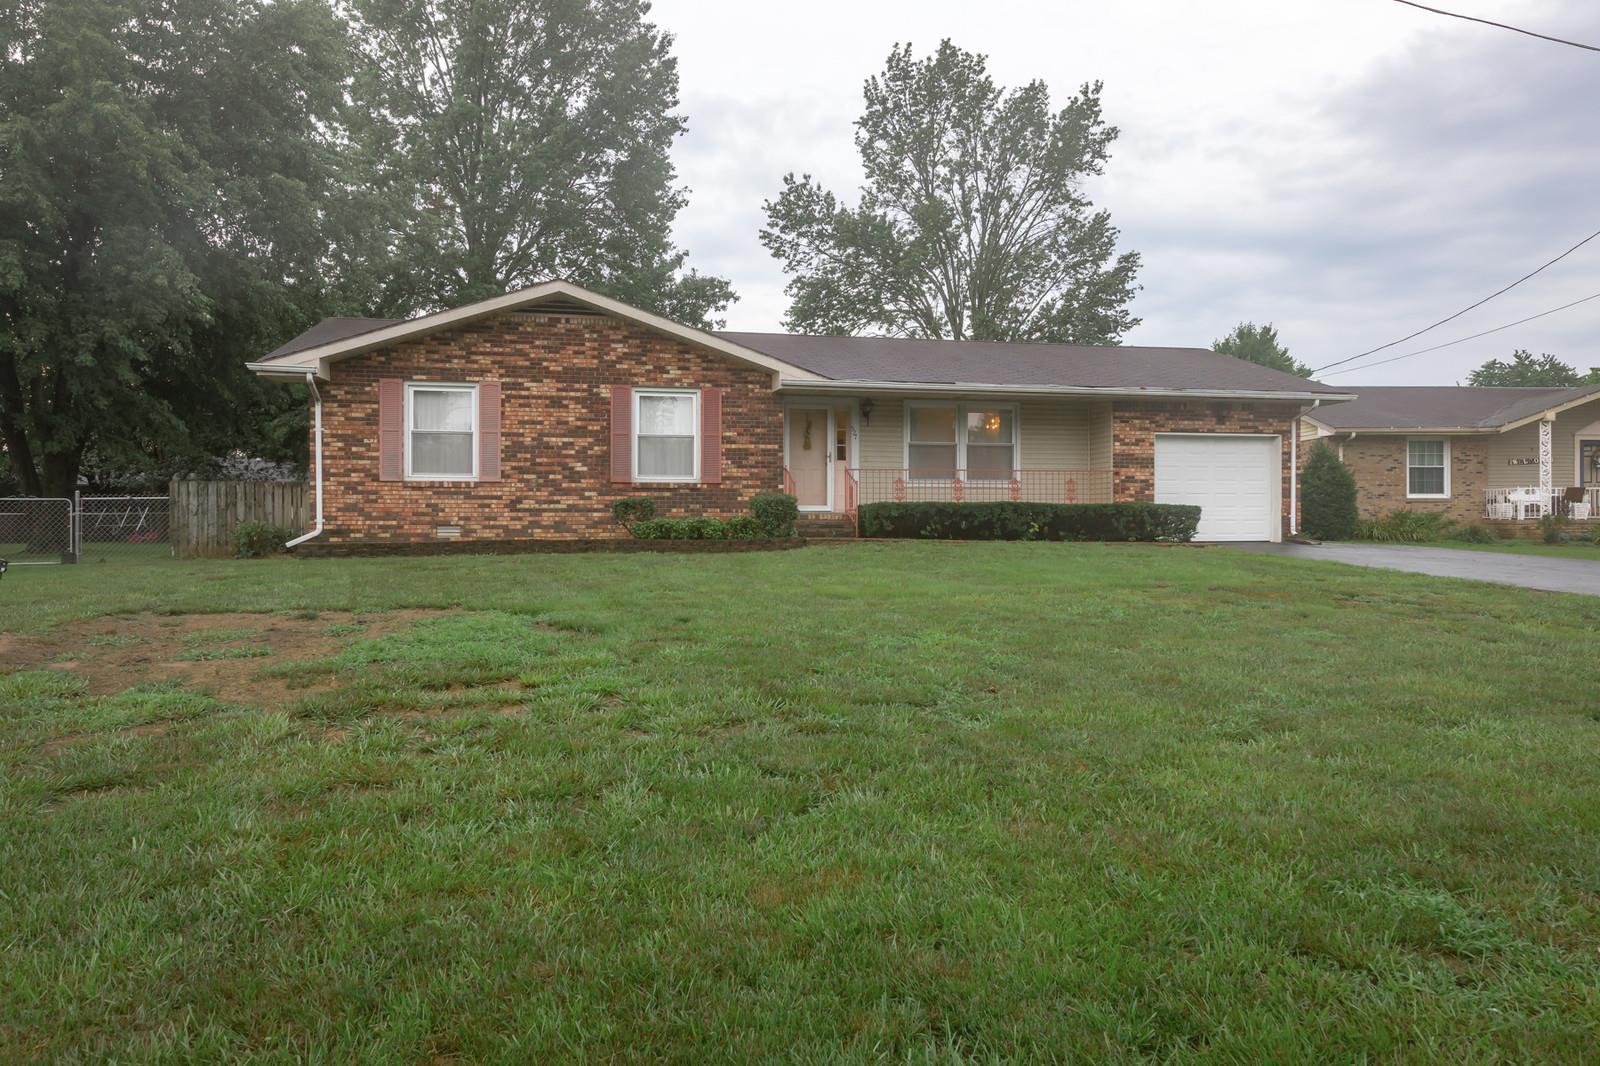 527 Sands Drive, Hopkinsville, KY 42240 - Hopkinsville, KY real estate listing